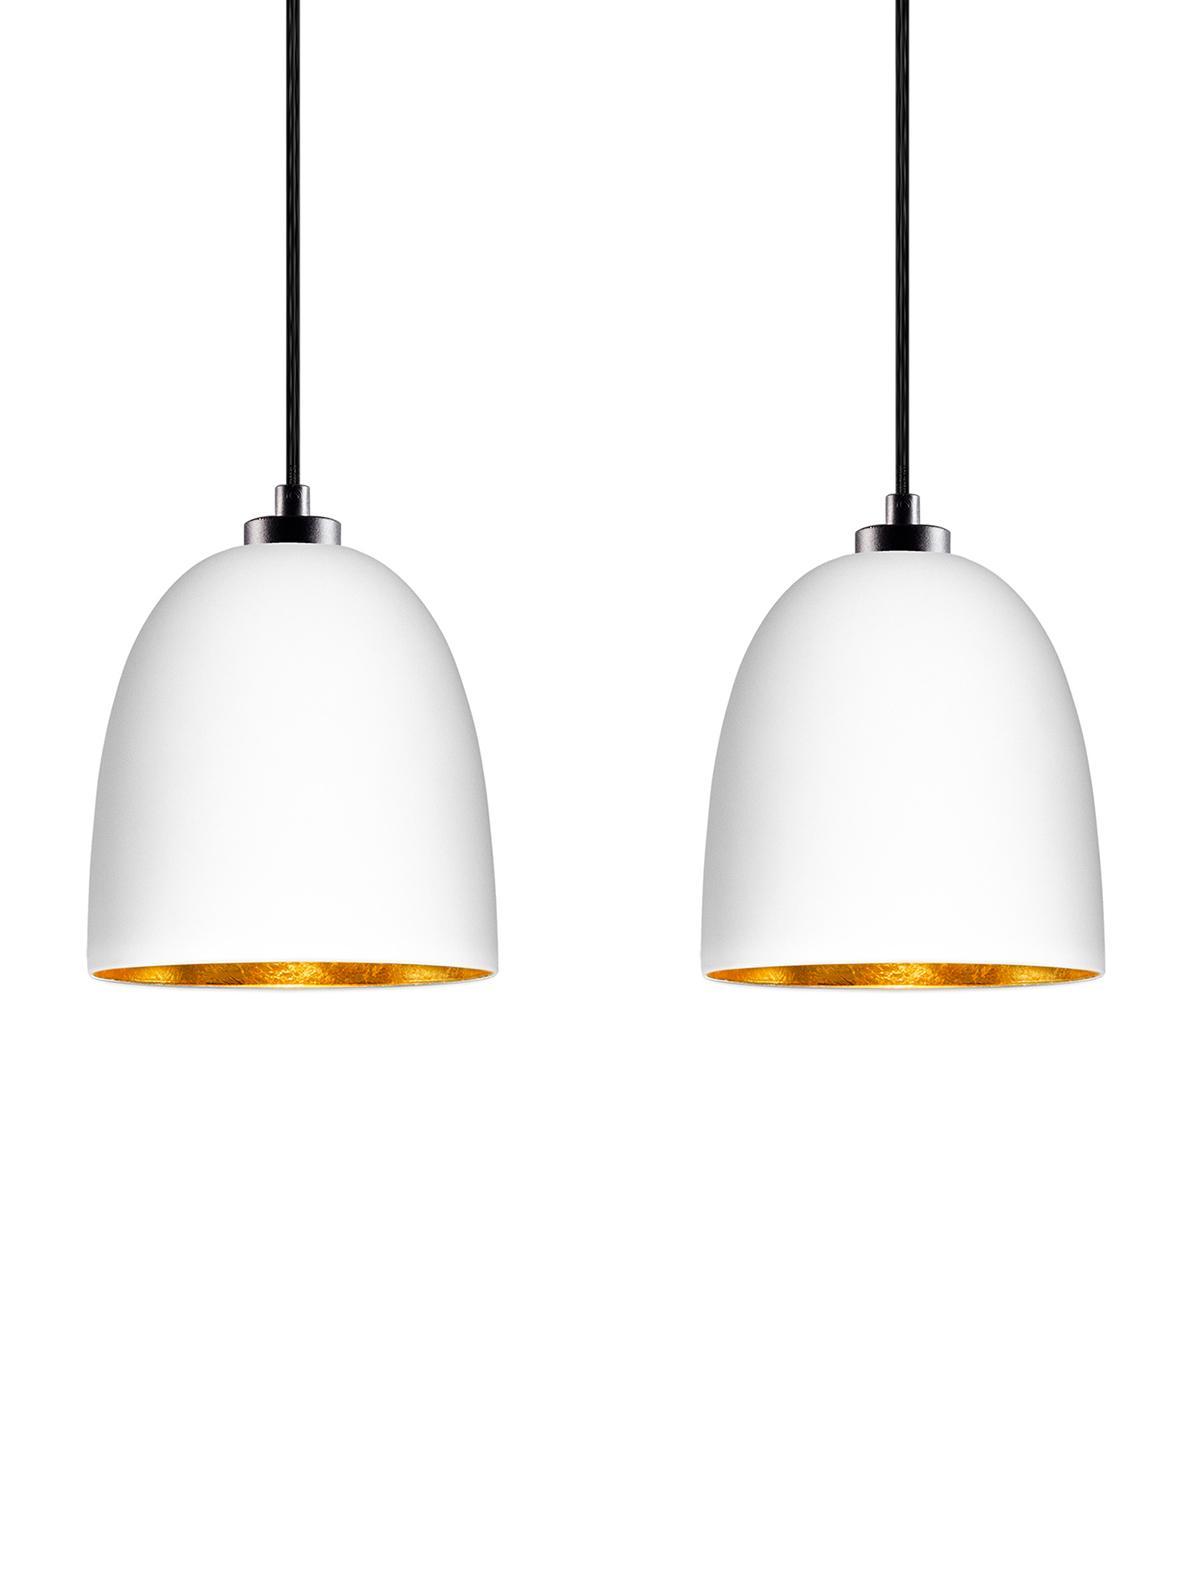 Lampada a sospensione in vetro Awa Double, Baldacchino: acciaio verniciato a polv, Bianco, nero, Larg. 67 x Alt. 155 cm